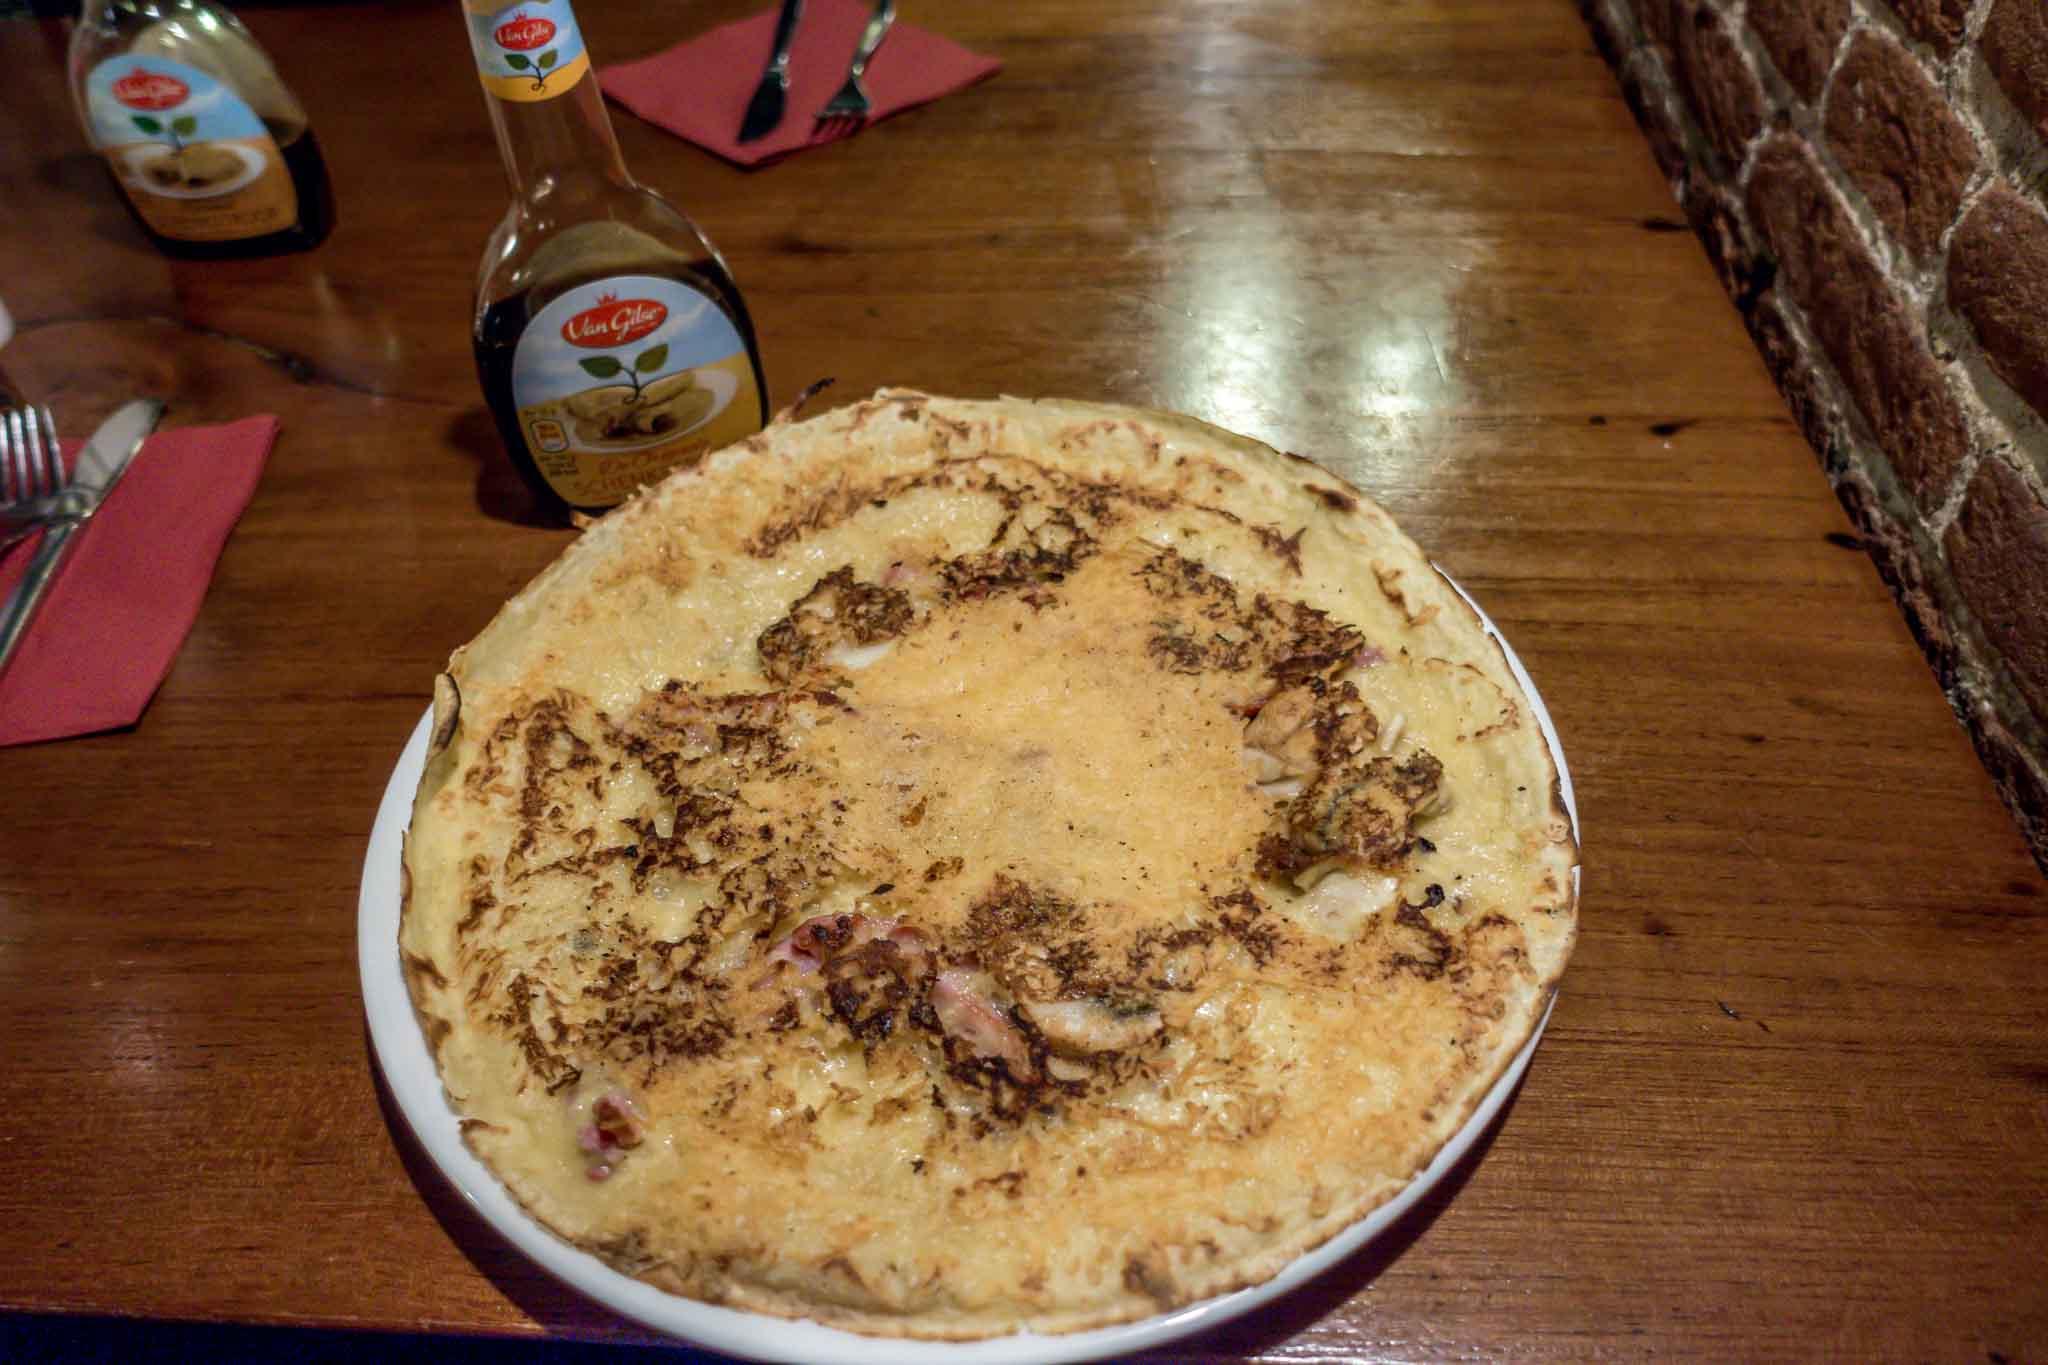 Large pancake